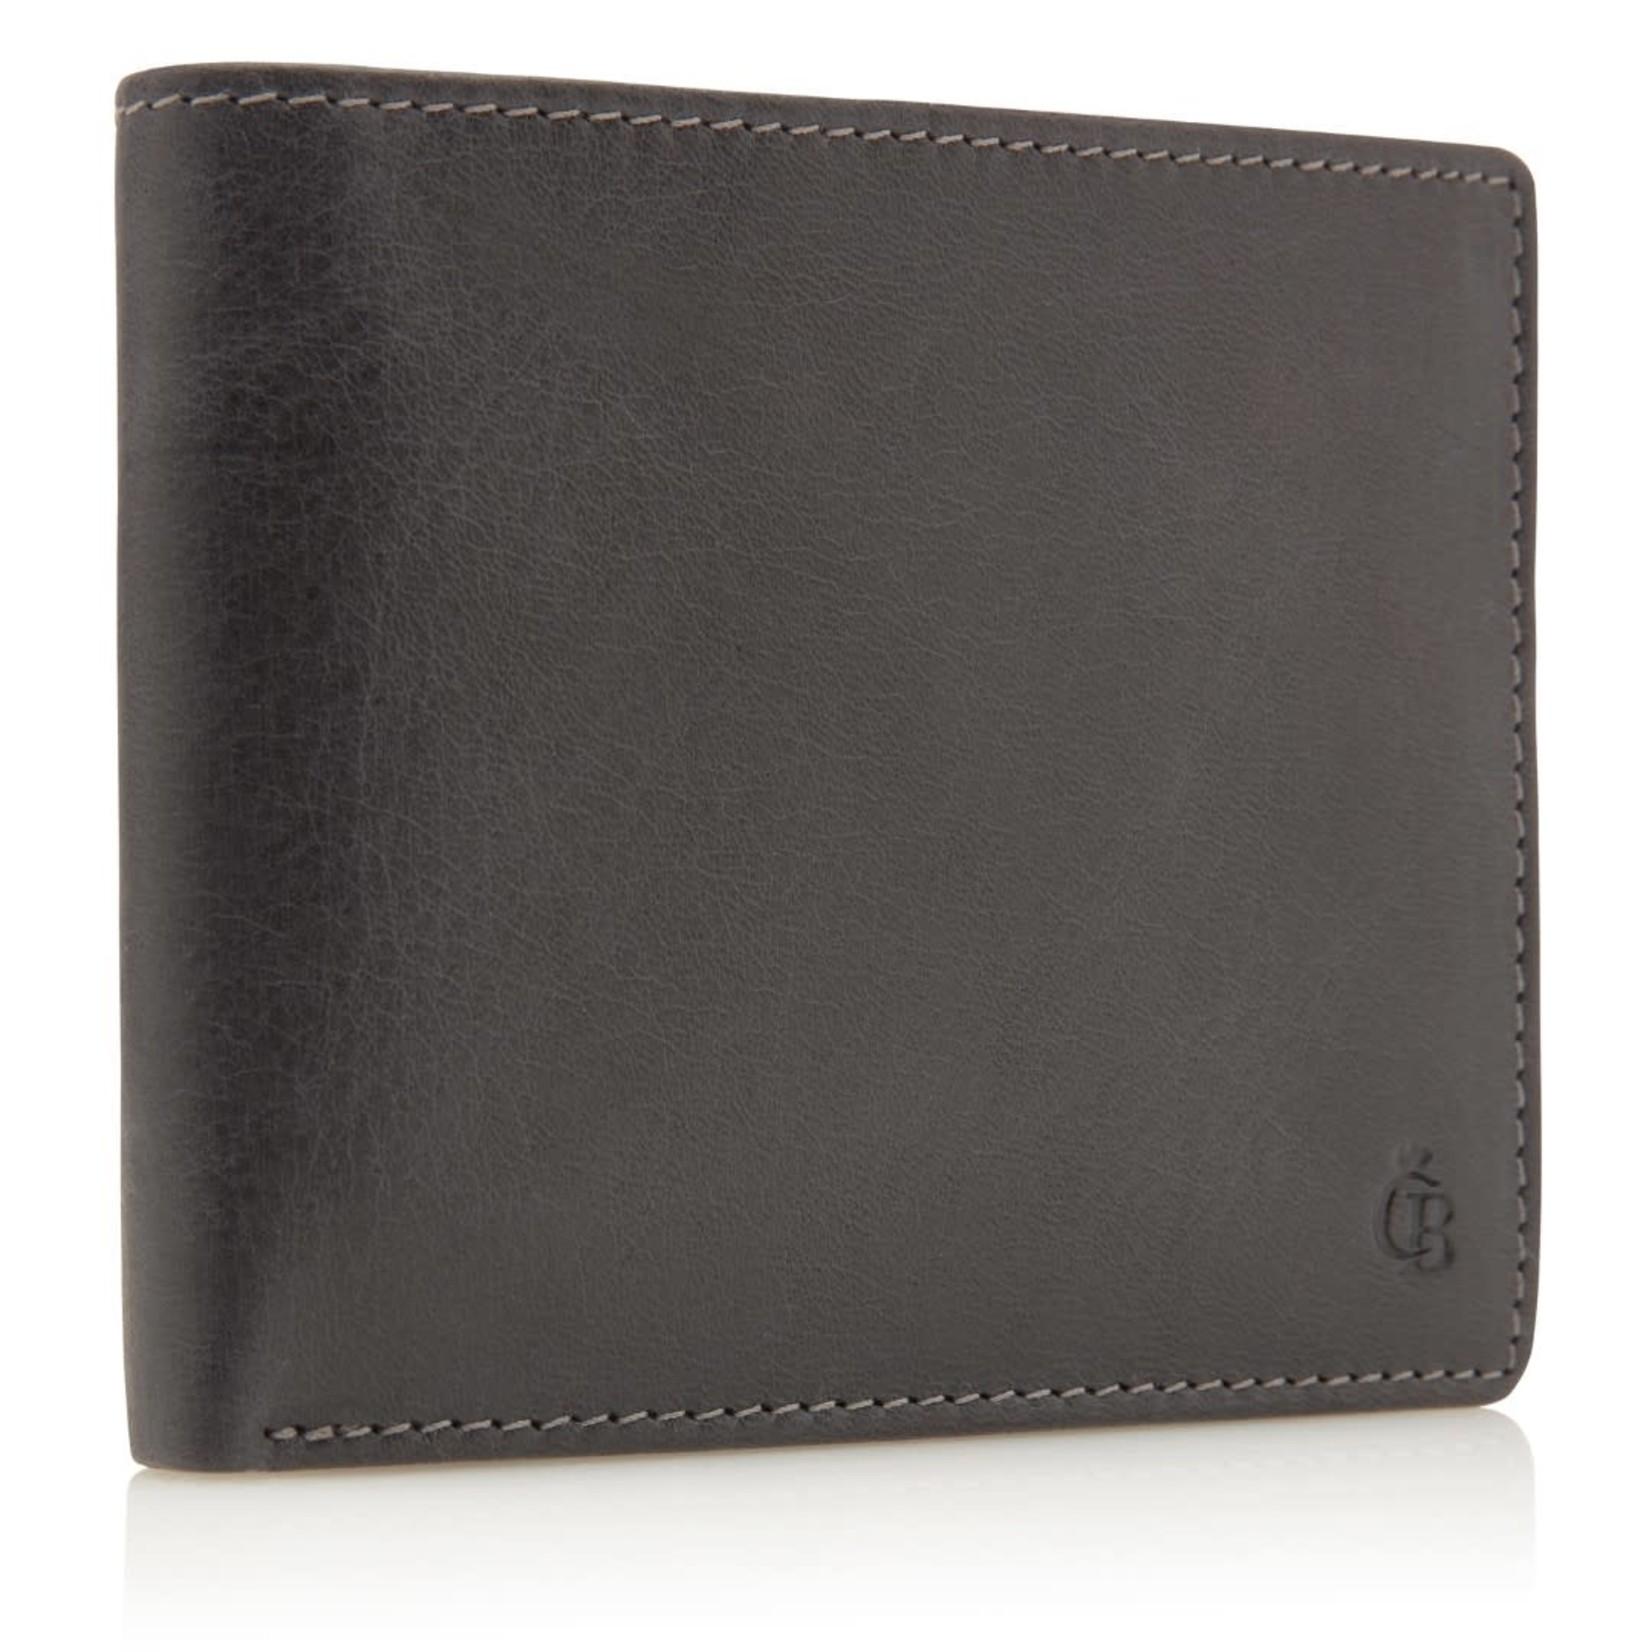 Castelijn en Beerens Billfold 11 pasjes RFID Zwart